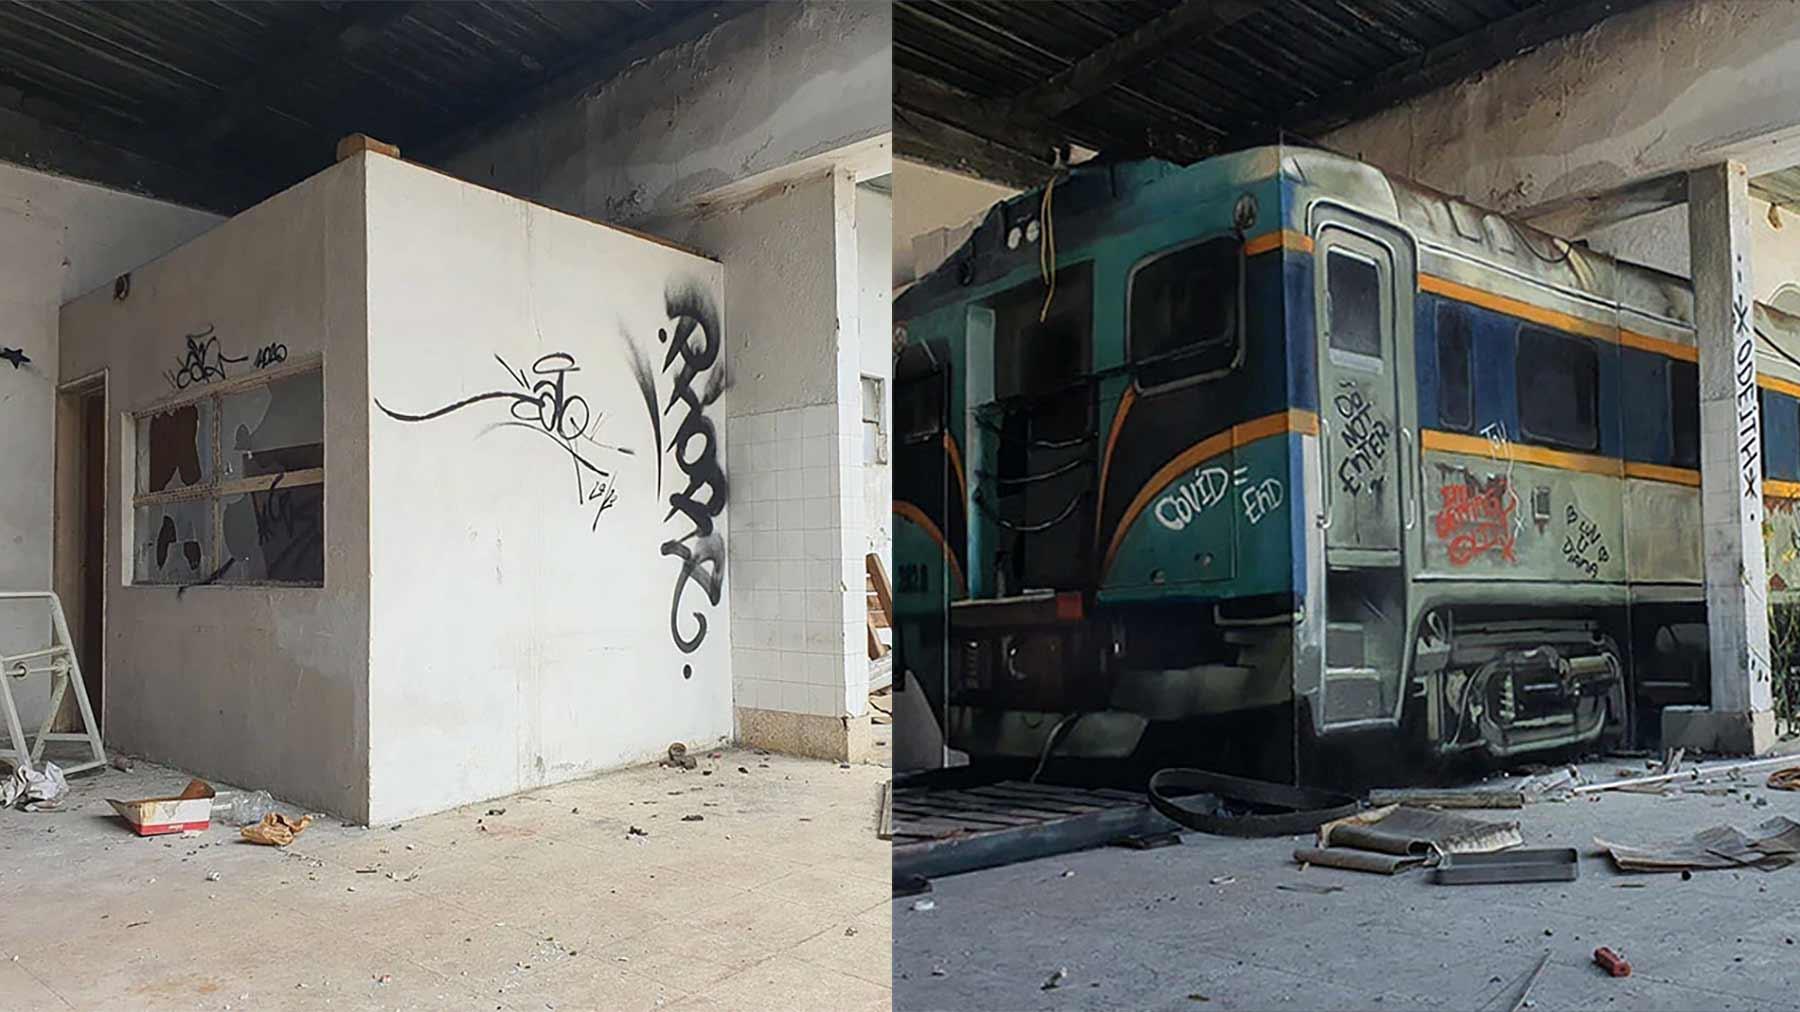 Neue 3D-Graffiti-Transformation von Odeith